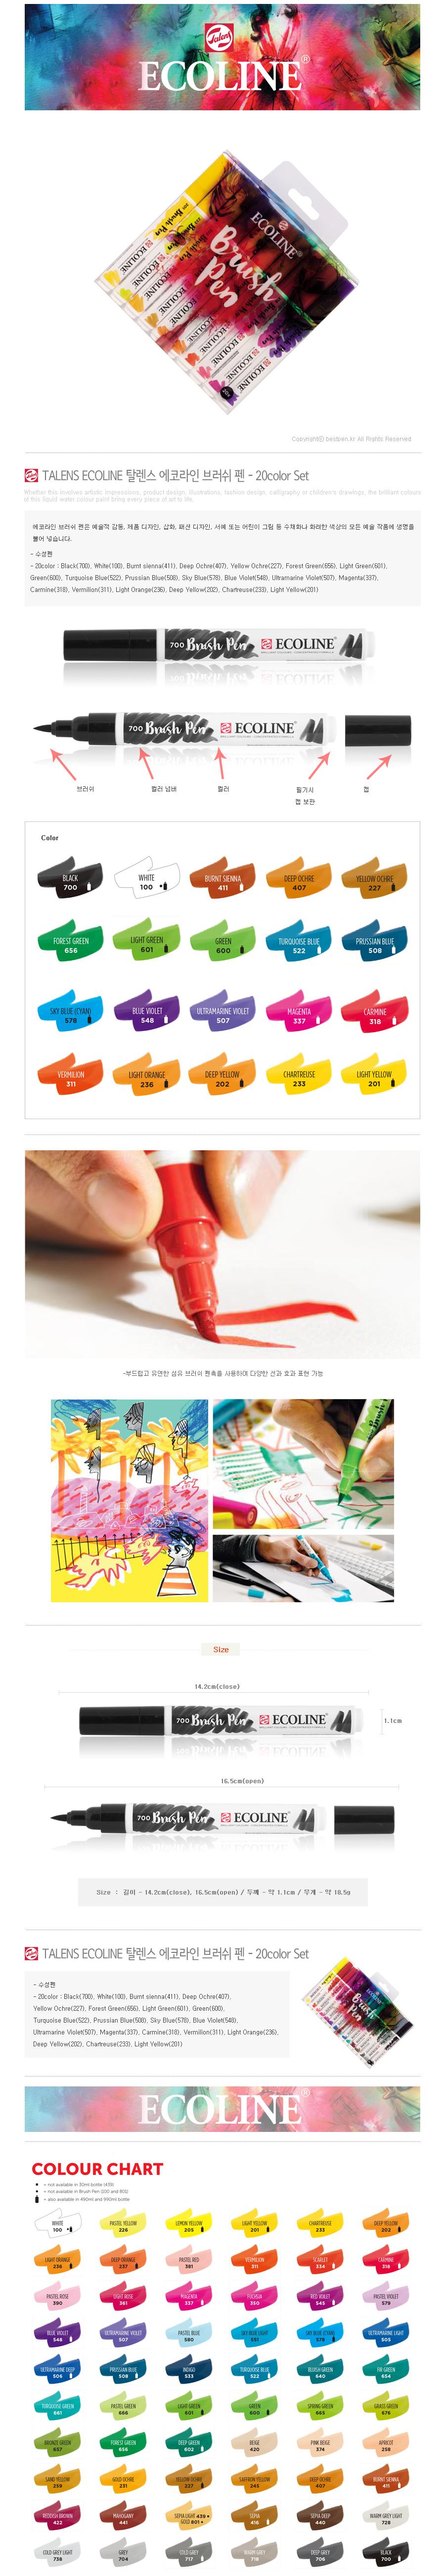 [로얄탈렌스] 탈렌스 에코라인 브러쉬펜 20color Set - 베스트펜, 88,000원, 데코펜, 캘리그라피펜